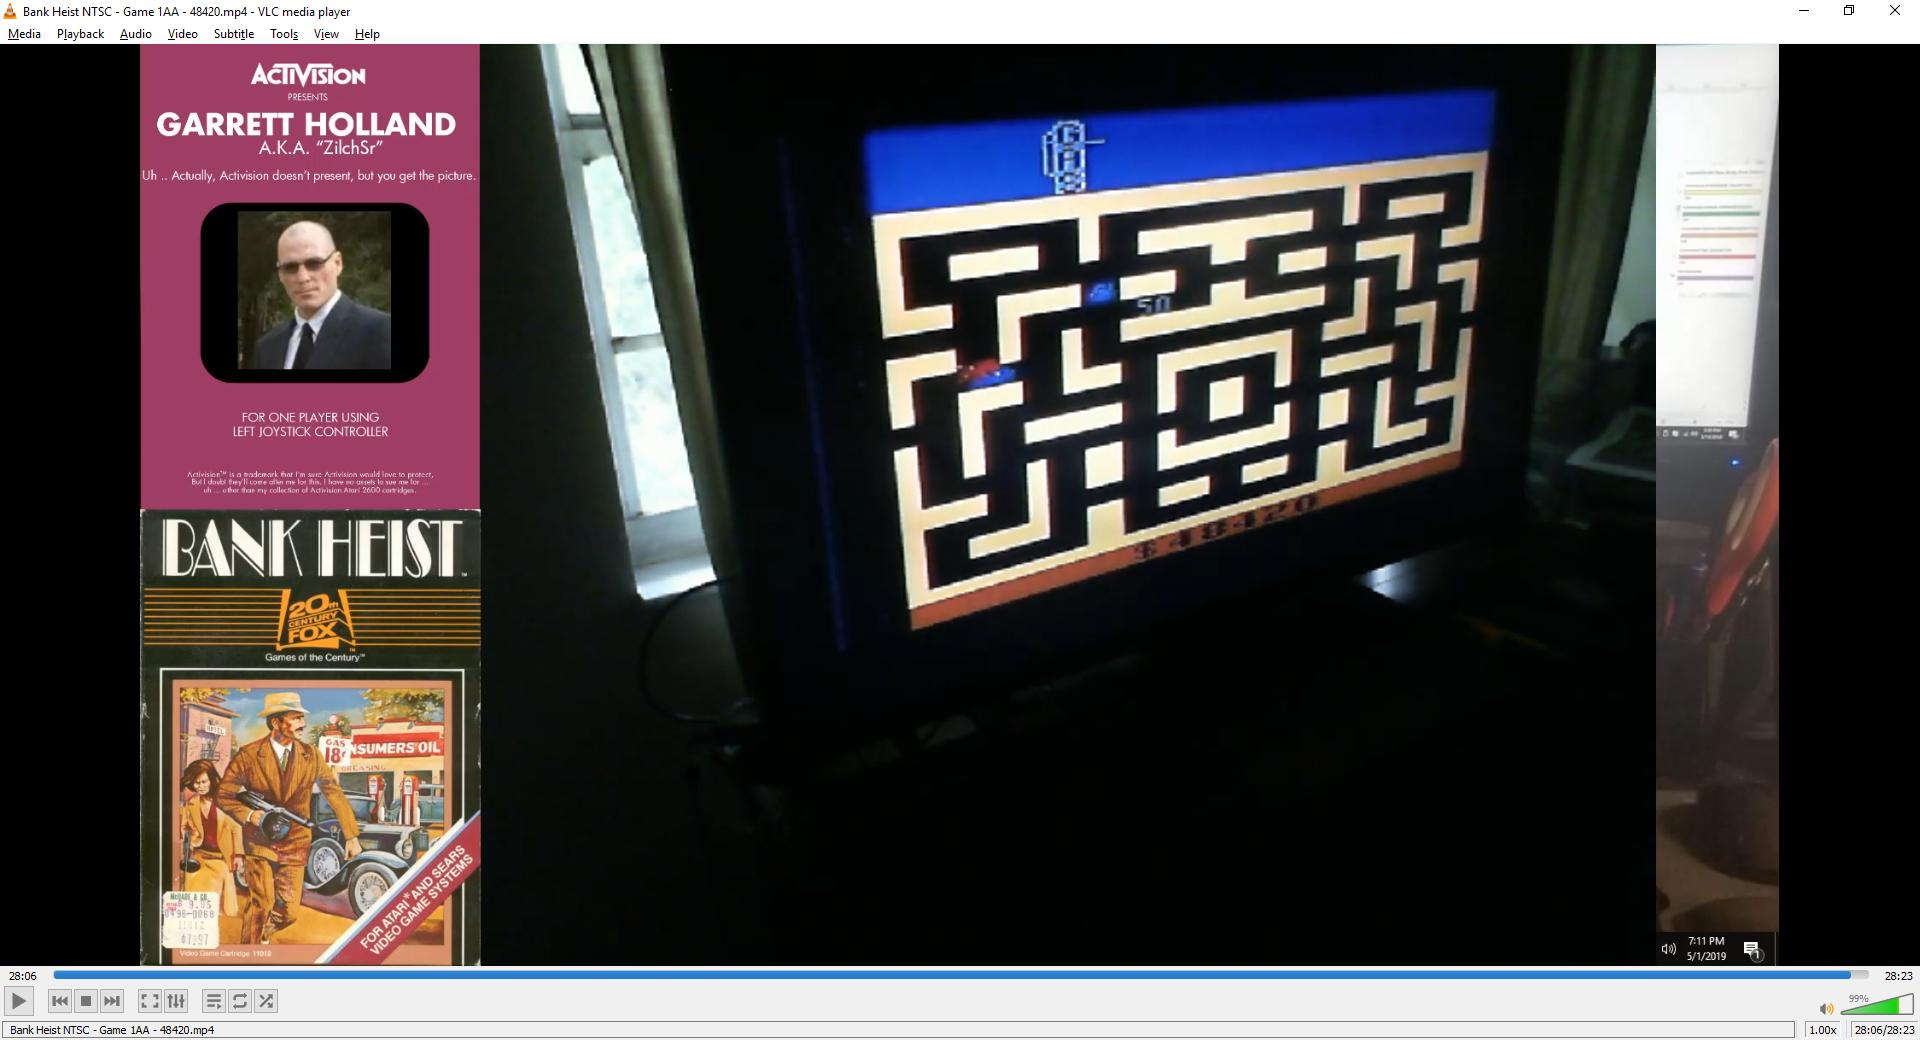 ZilchSr: Bank Heist (Atari 2600 Expert/A) 48,420 points on 2019-05-01 18:16:23